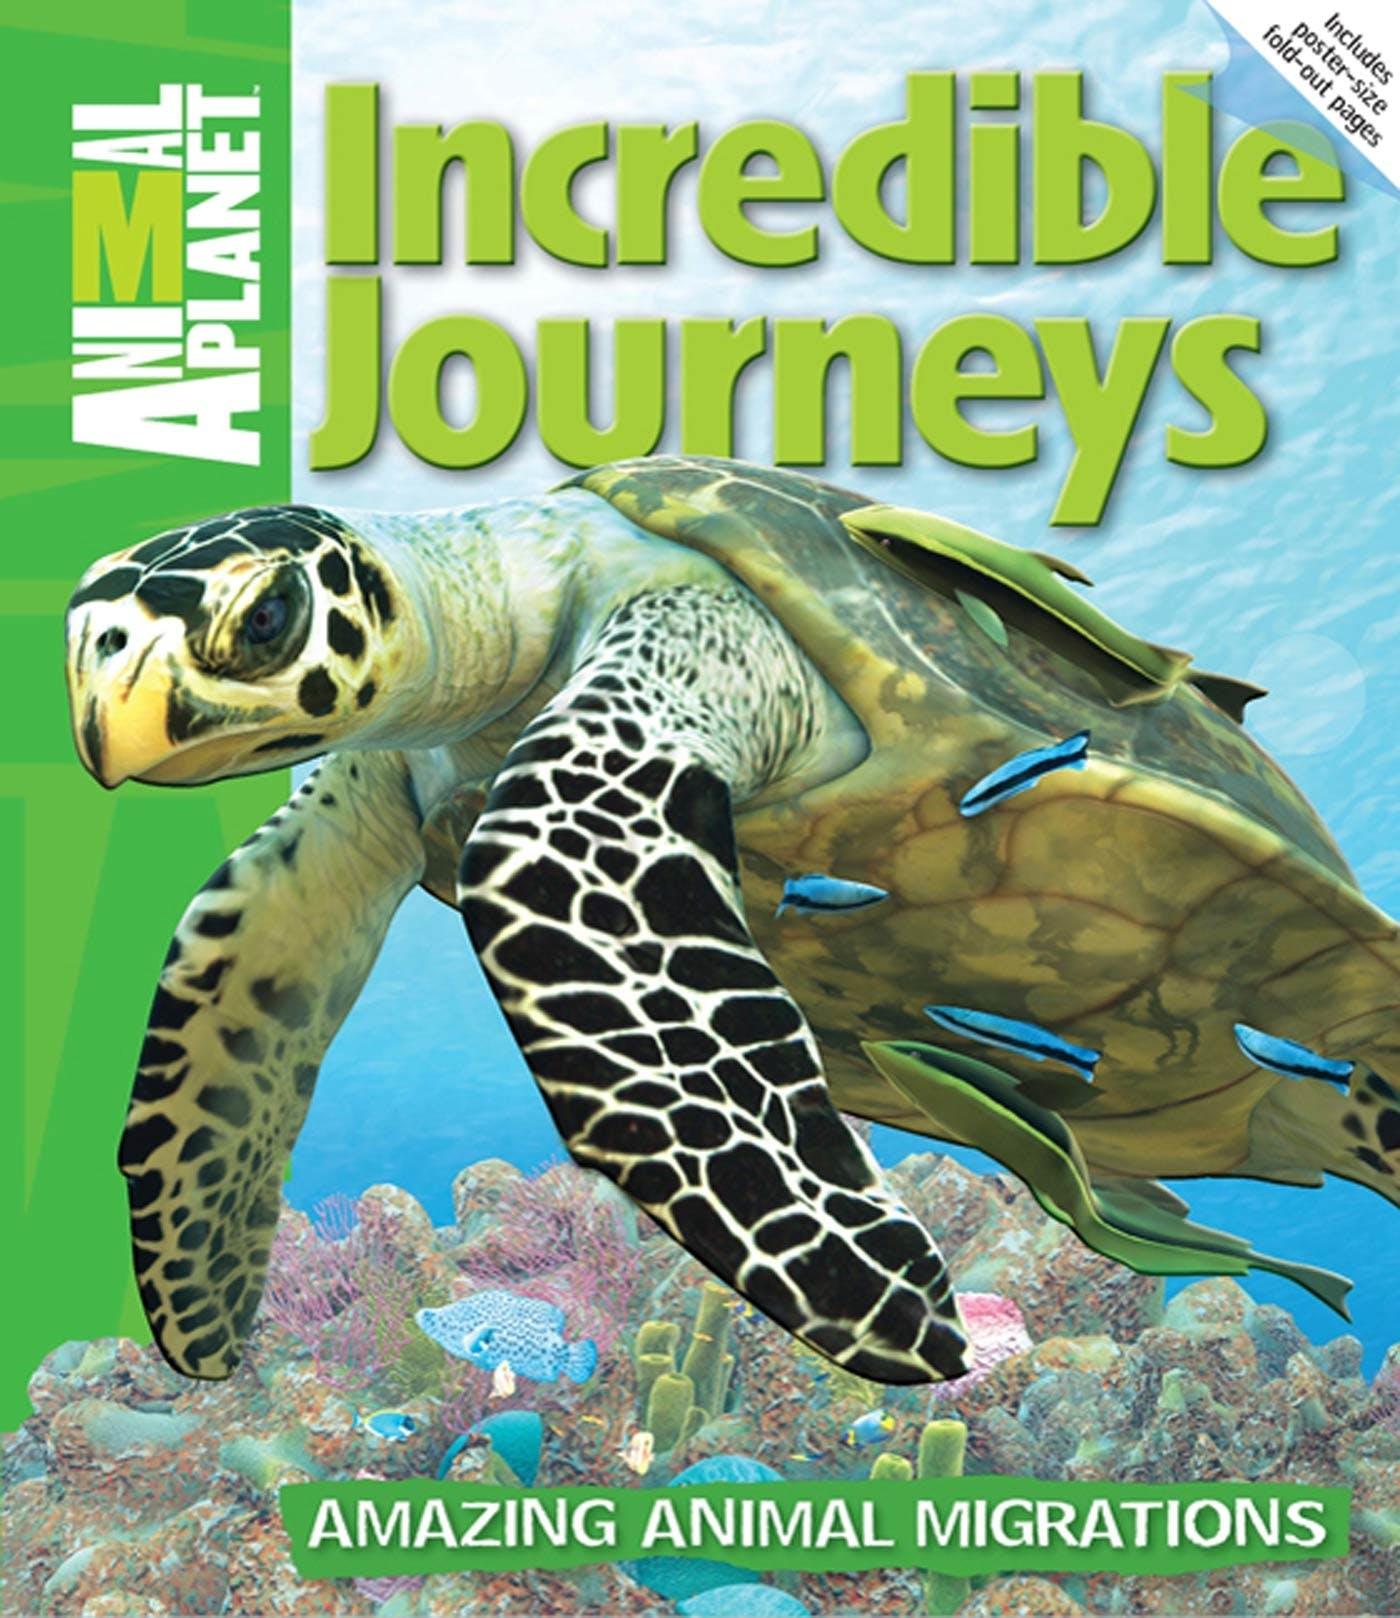 Image of Incredible Journeys